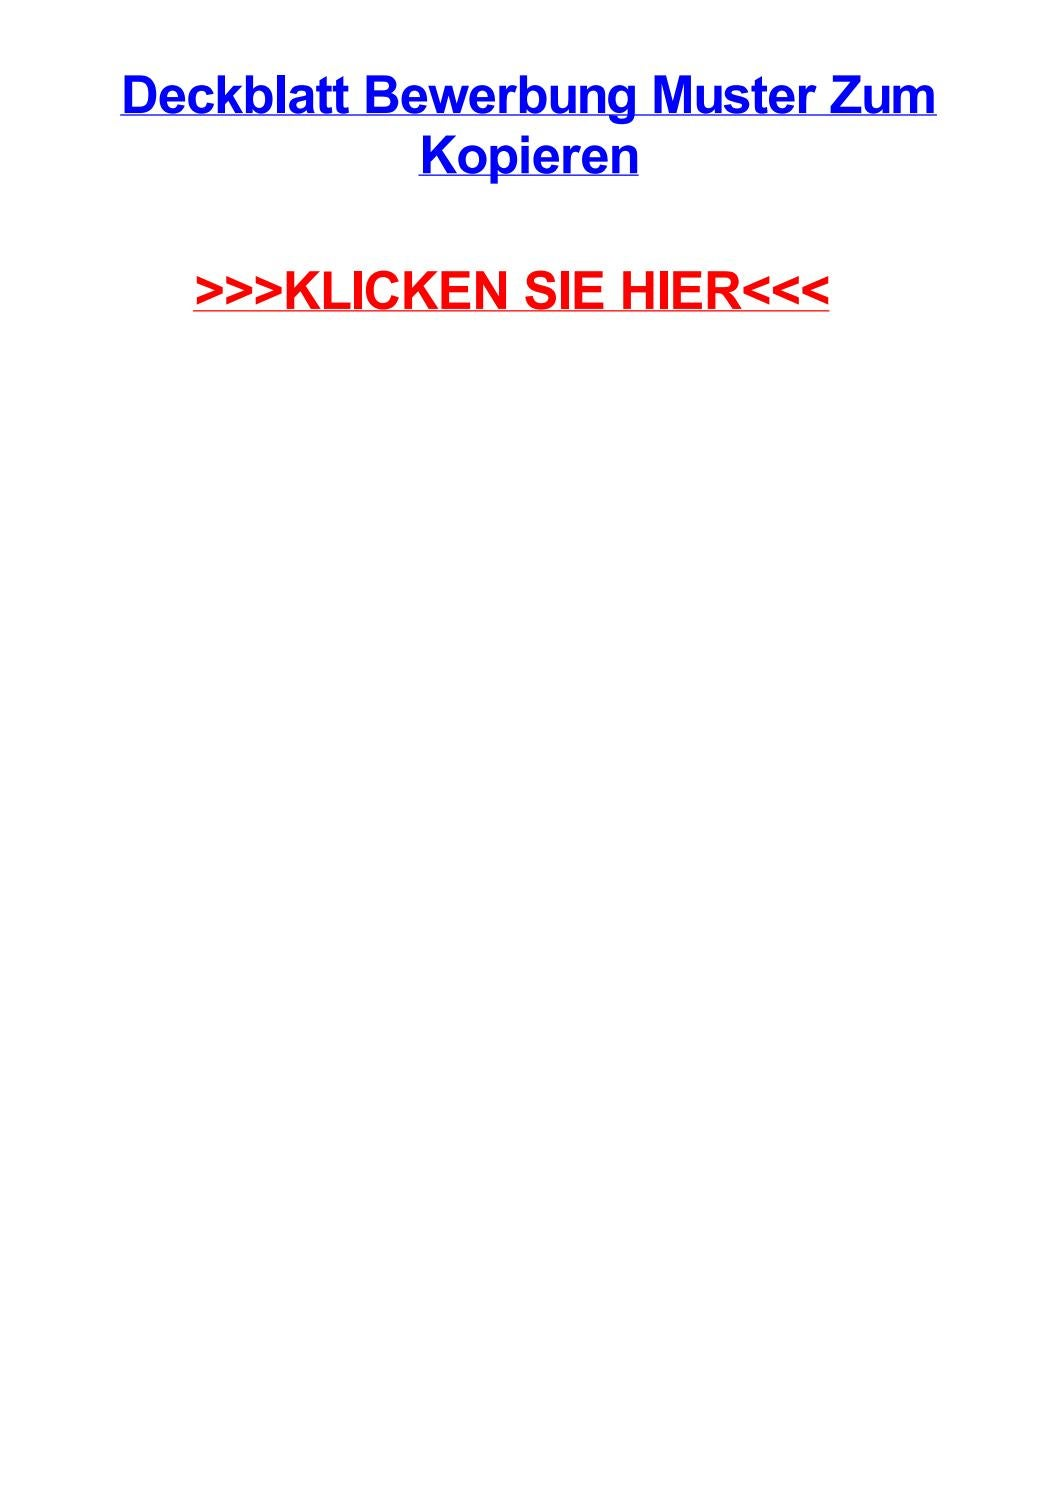 Deckblatt bewerbung muster zum kopieren by brentfcqw - issuu